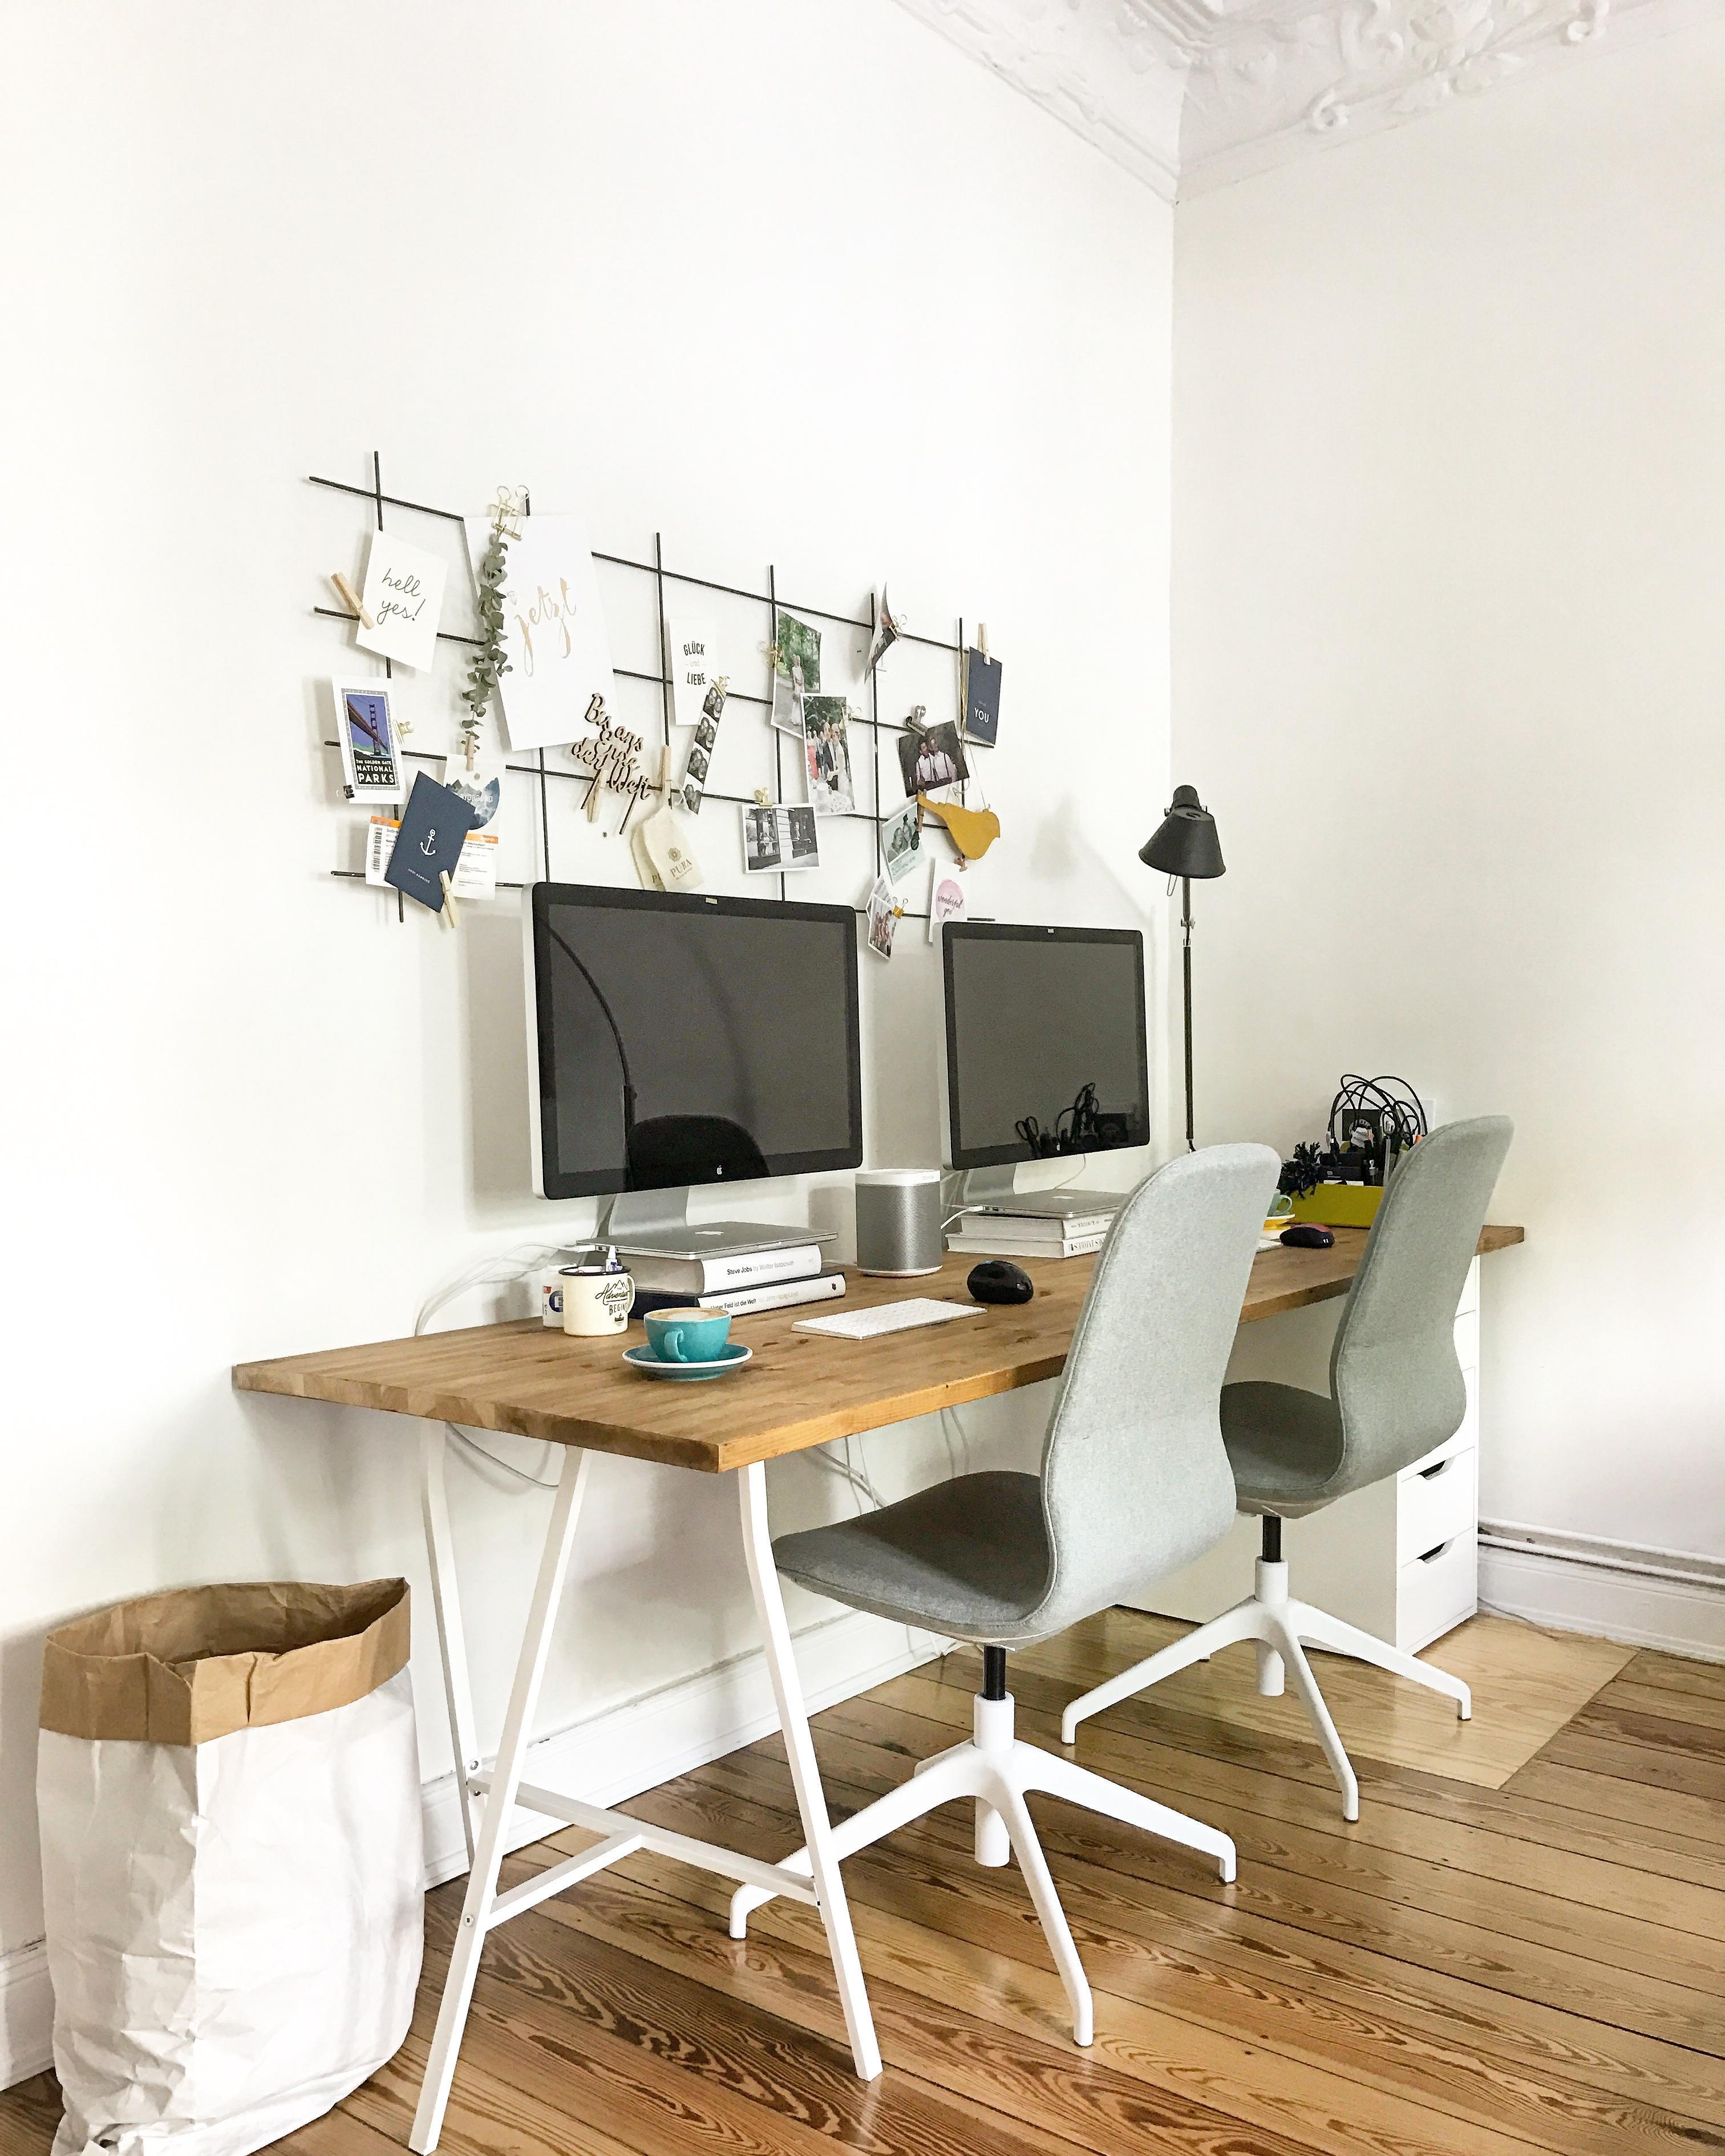 ikea kleiner schreibtisch schreibtisch wei ikea borgsj in sehr gutem zustand in stuttgart ikea. Black Bedroom Furniture Sets. Home Design Ideas